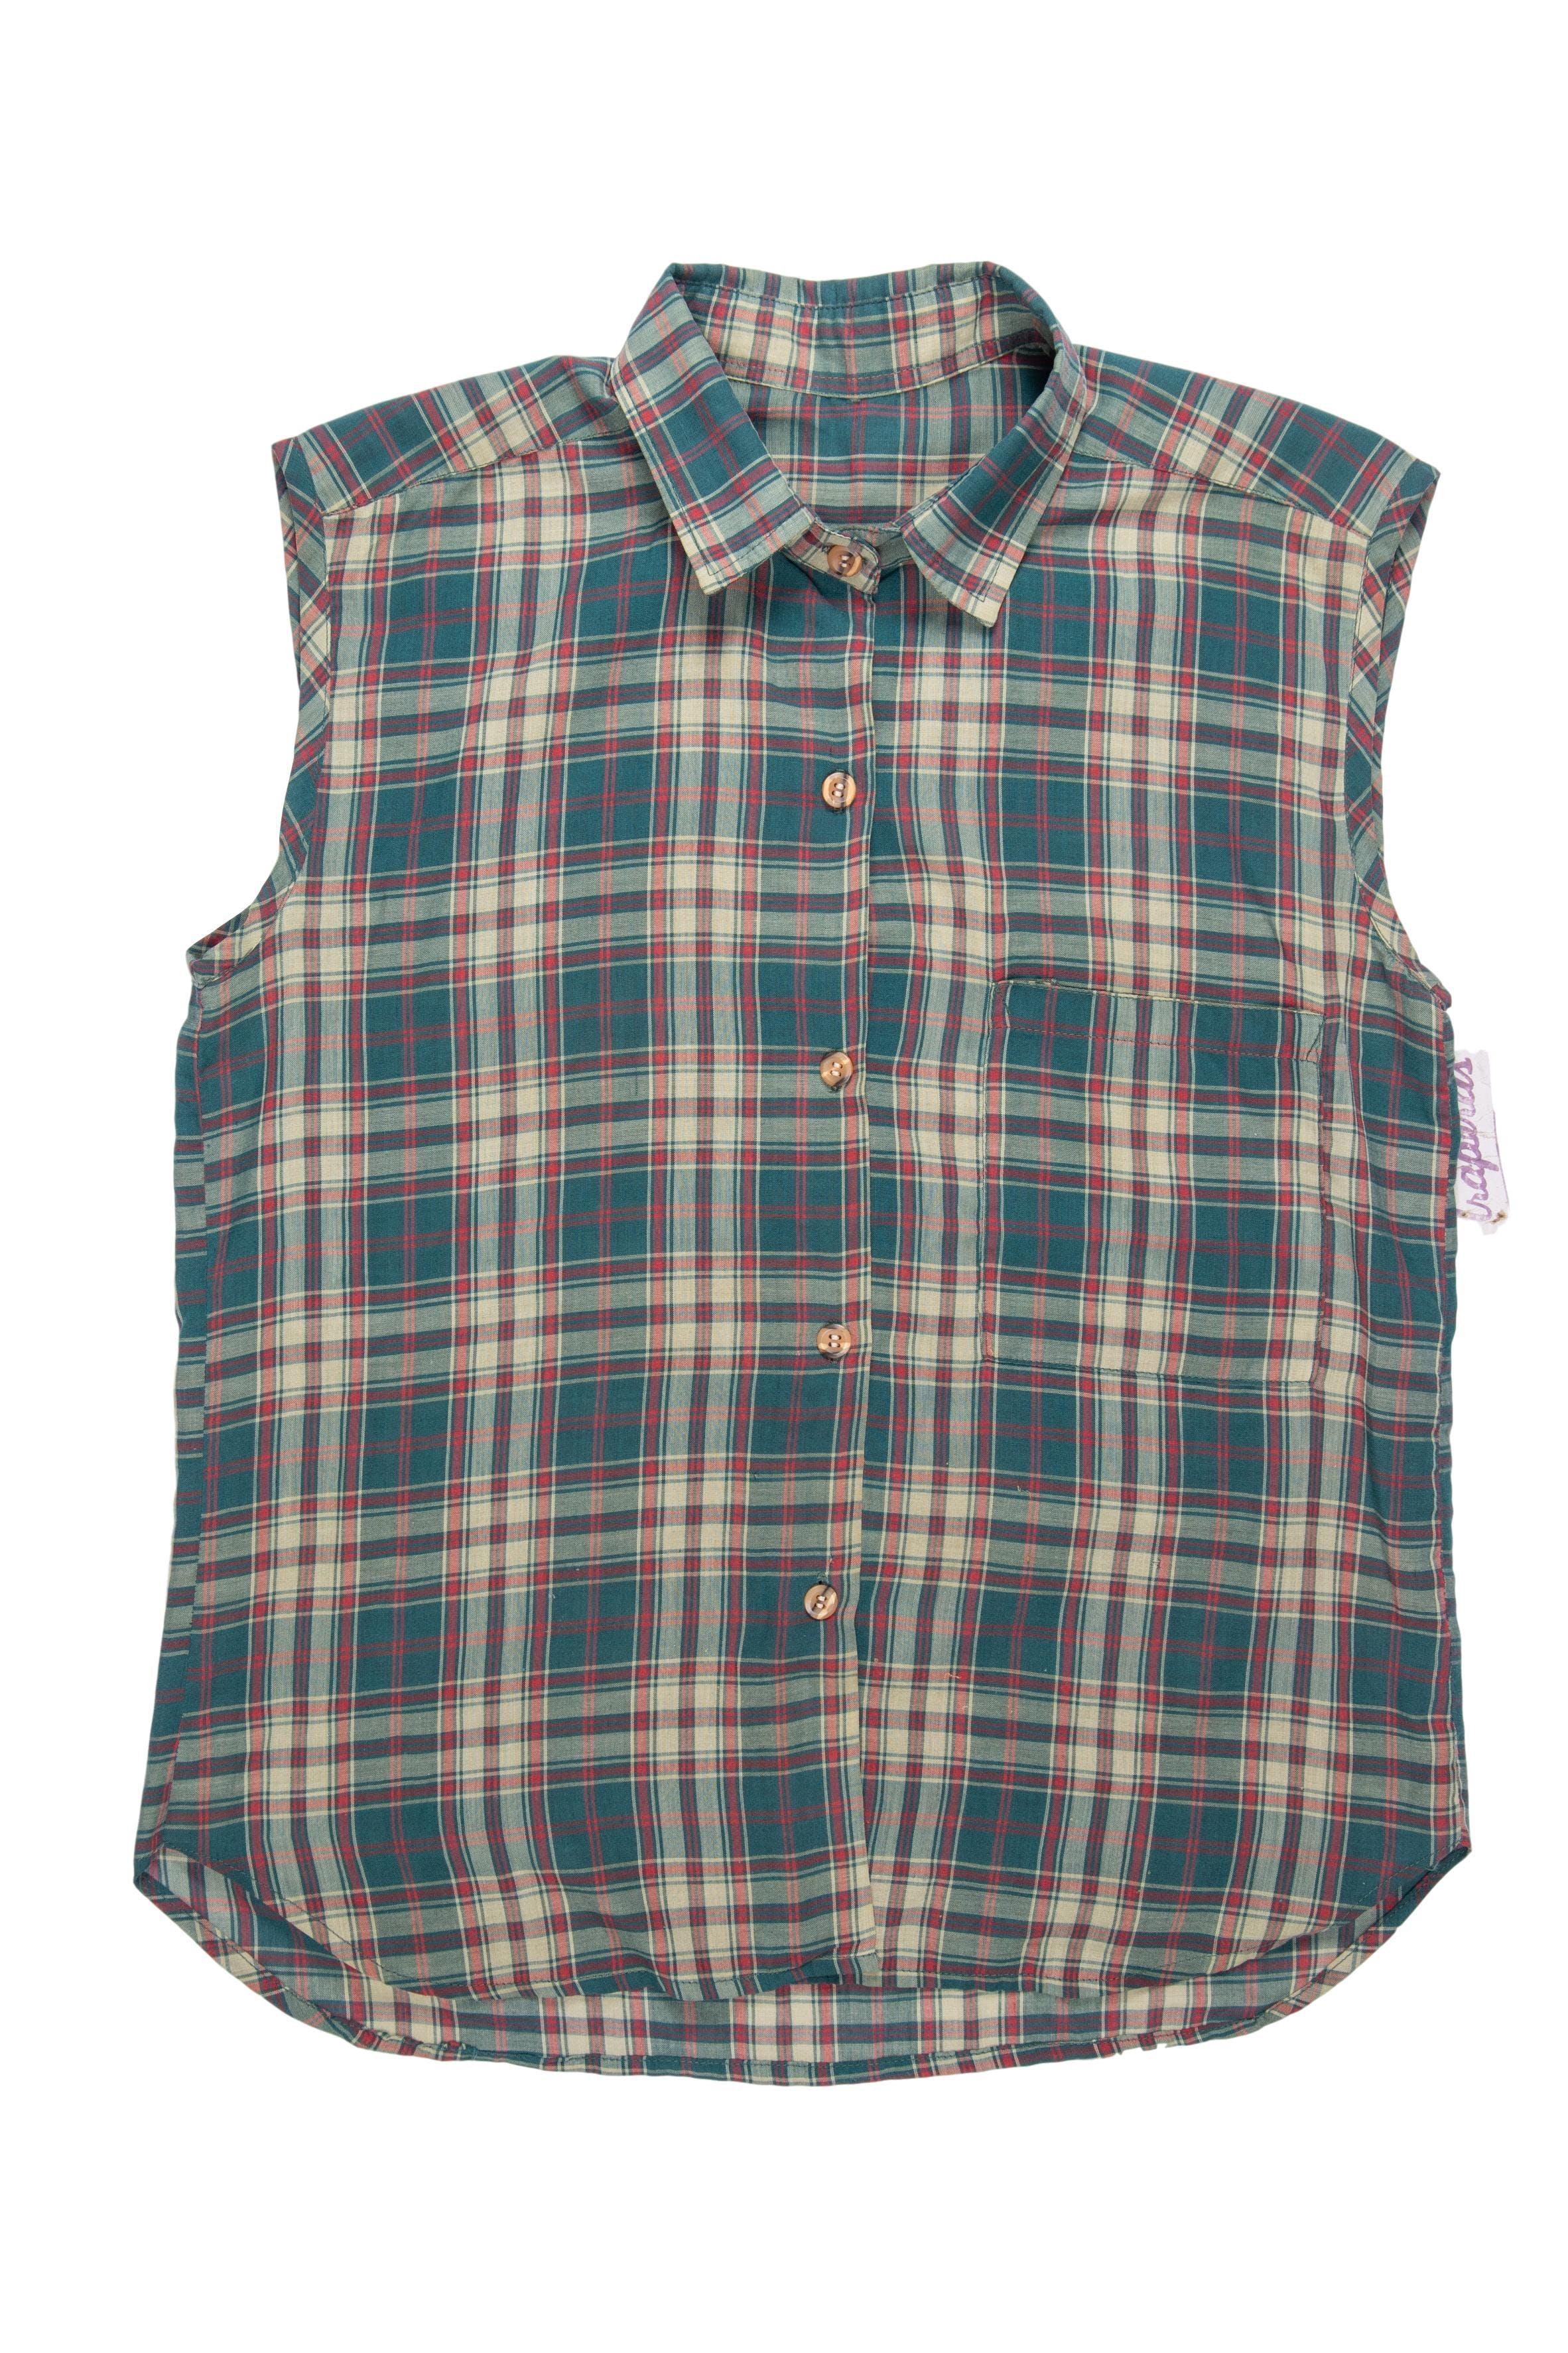 Blusa de cuadros en tonos verdes y rojos, bolsillo en el pecho y fila de botones en el medio. Busto 96cm